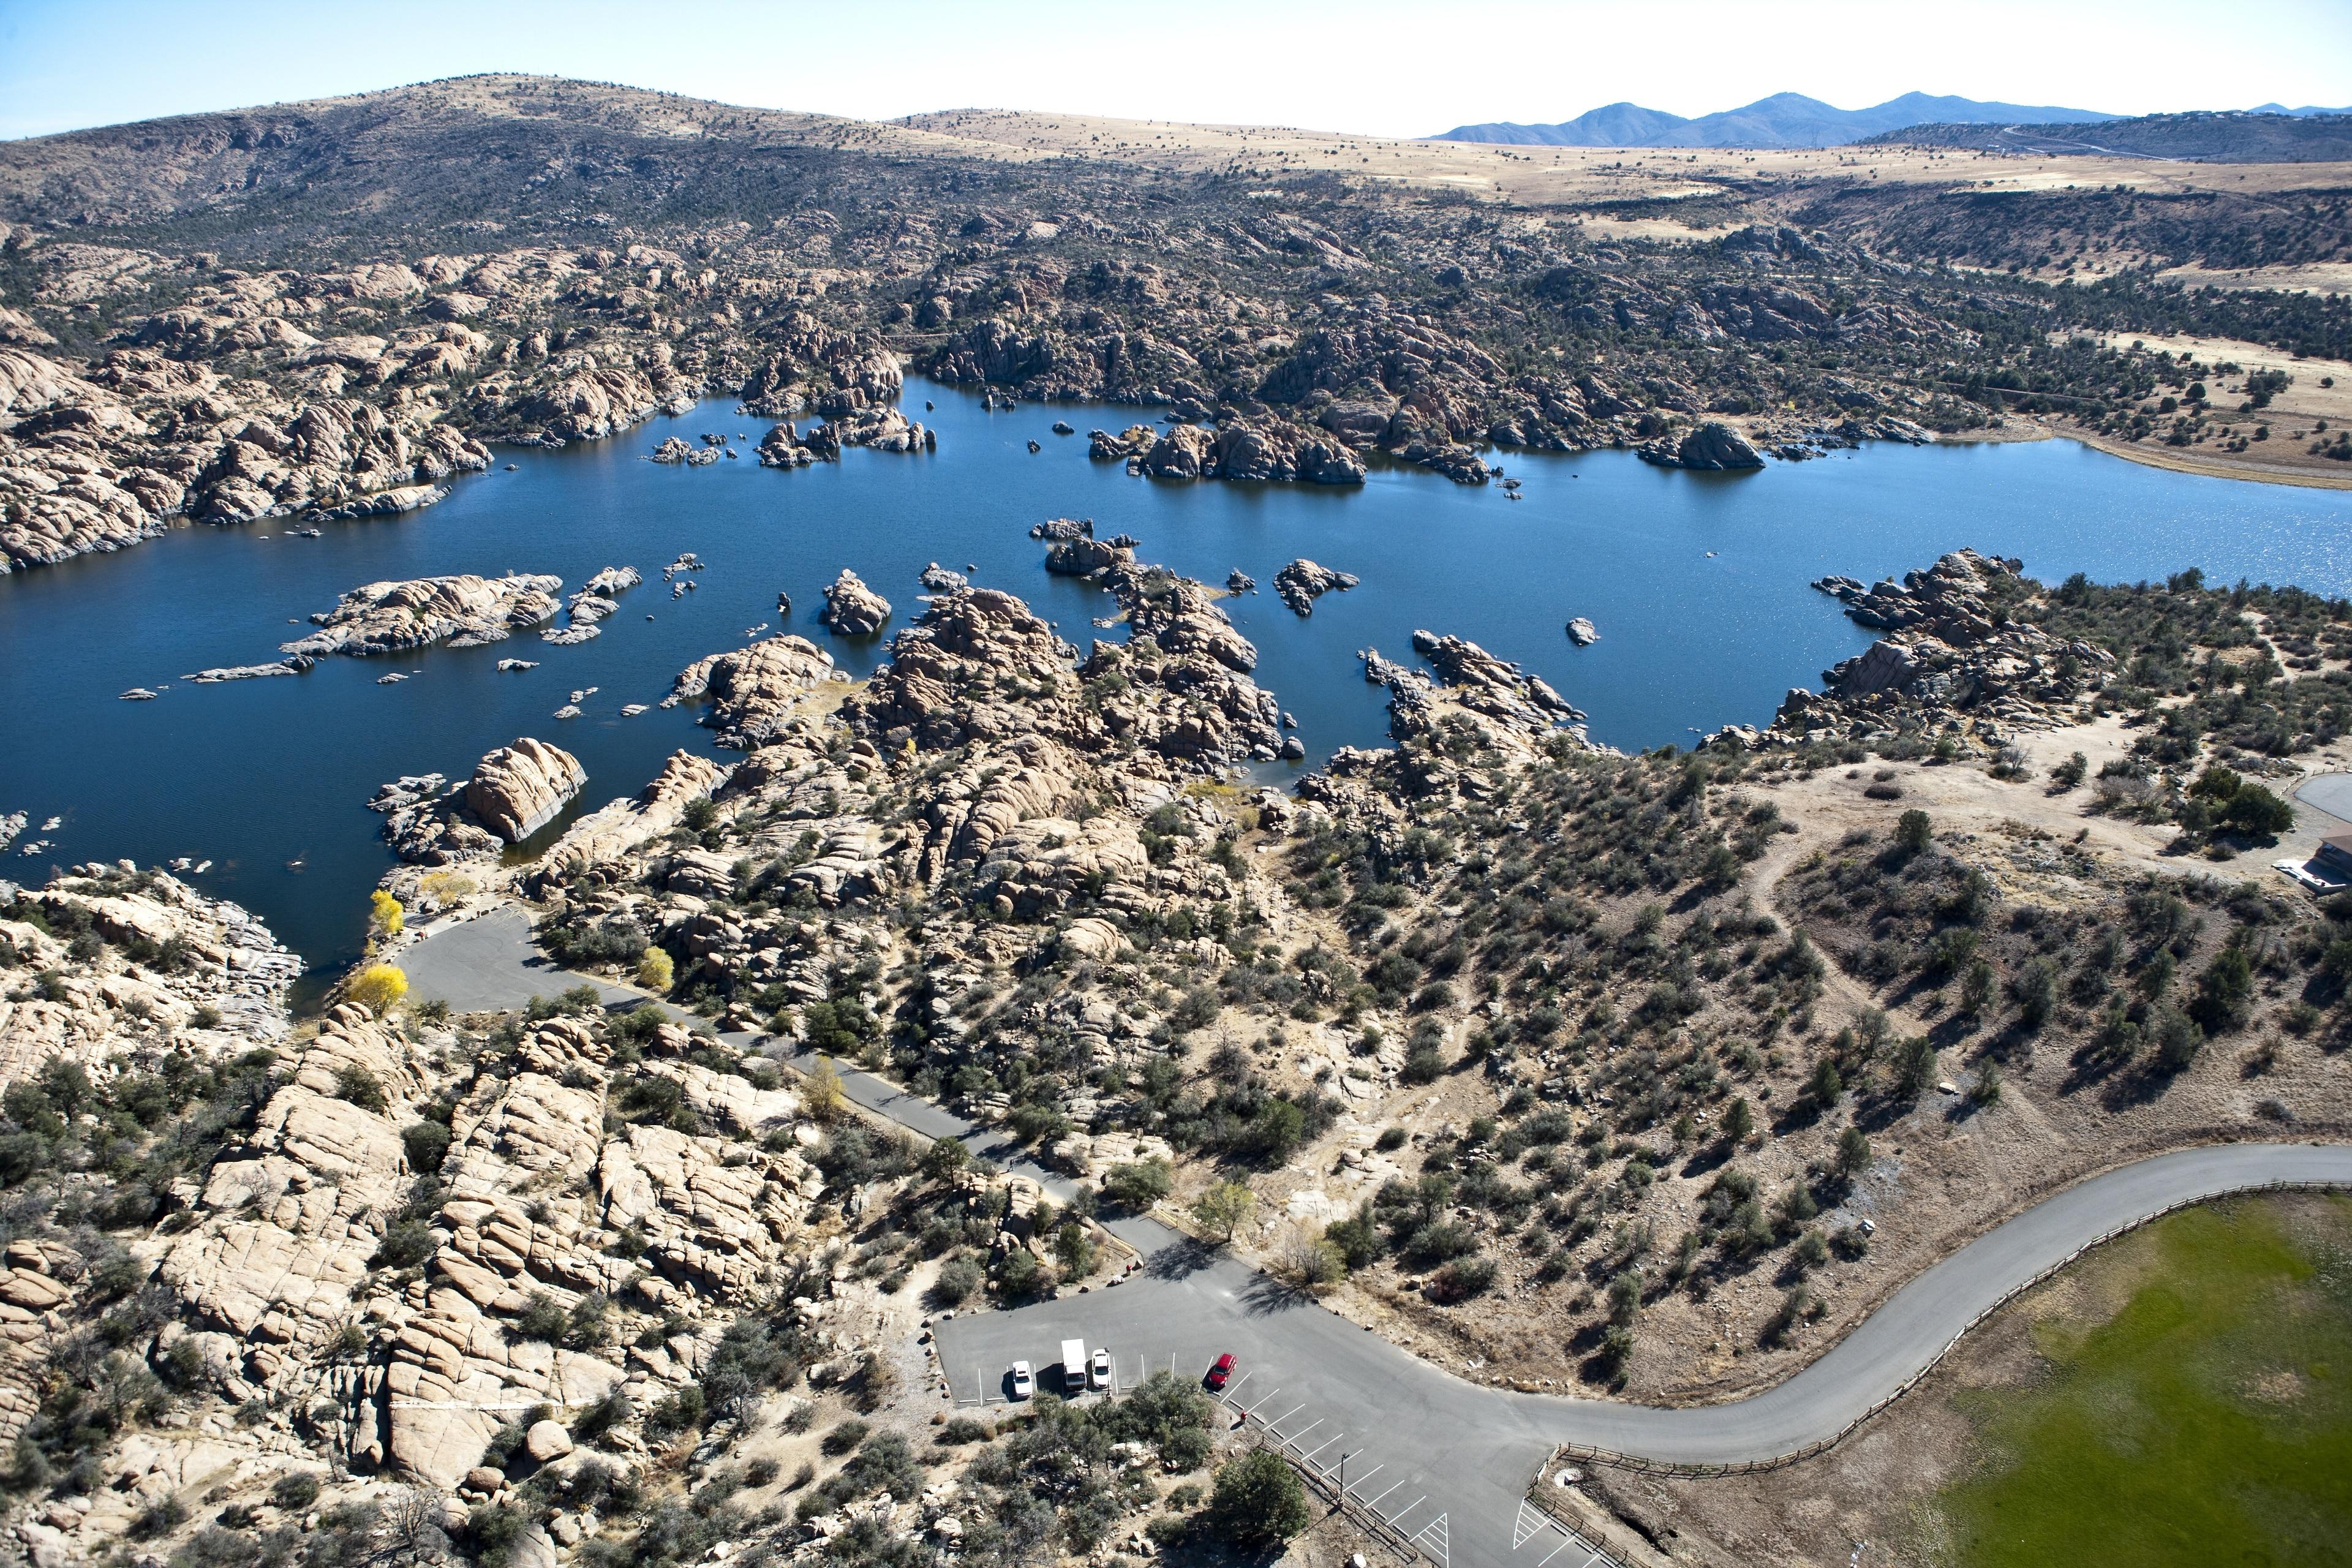 Prescott, Arizona, United States of America